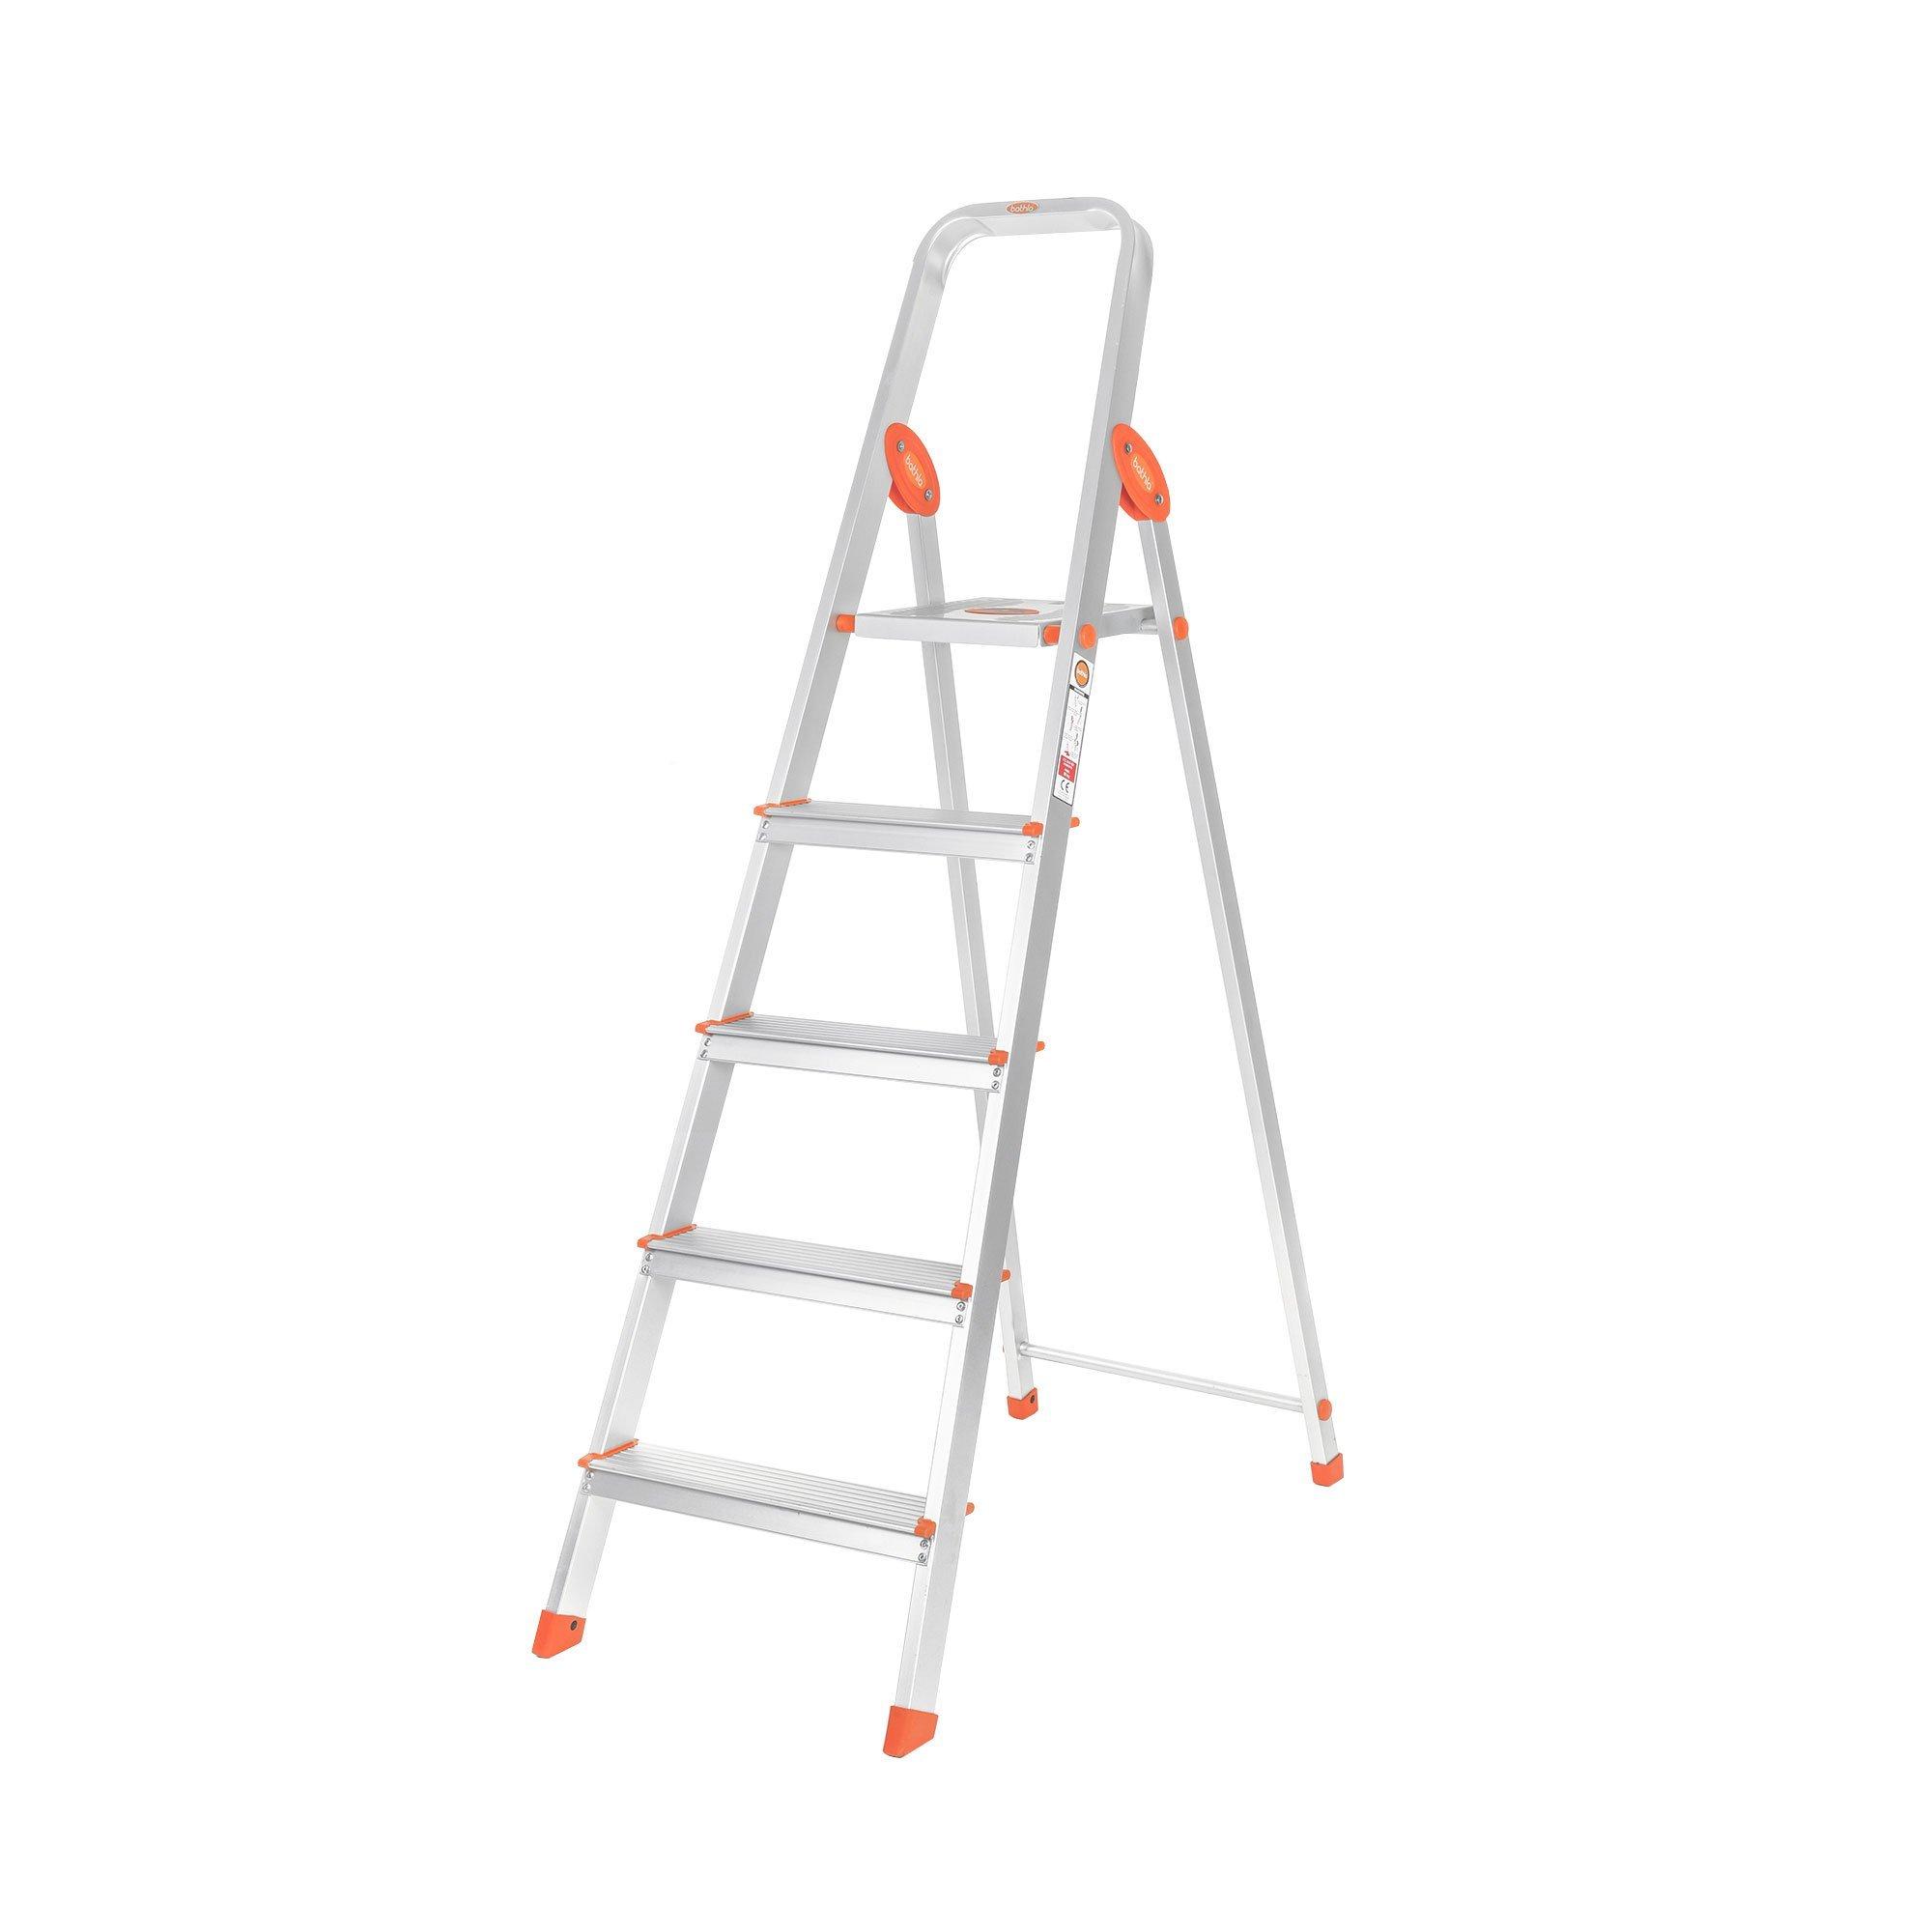 Bathla Advance 5-Step Foldable Aluminium Ladder with Sure-Hinge Technology (Orange) product image